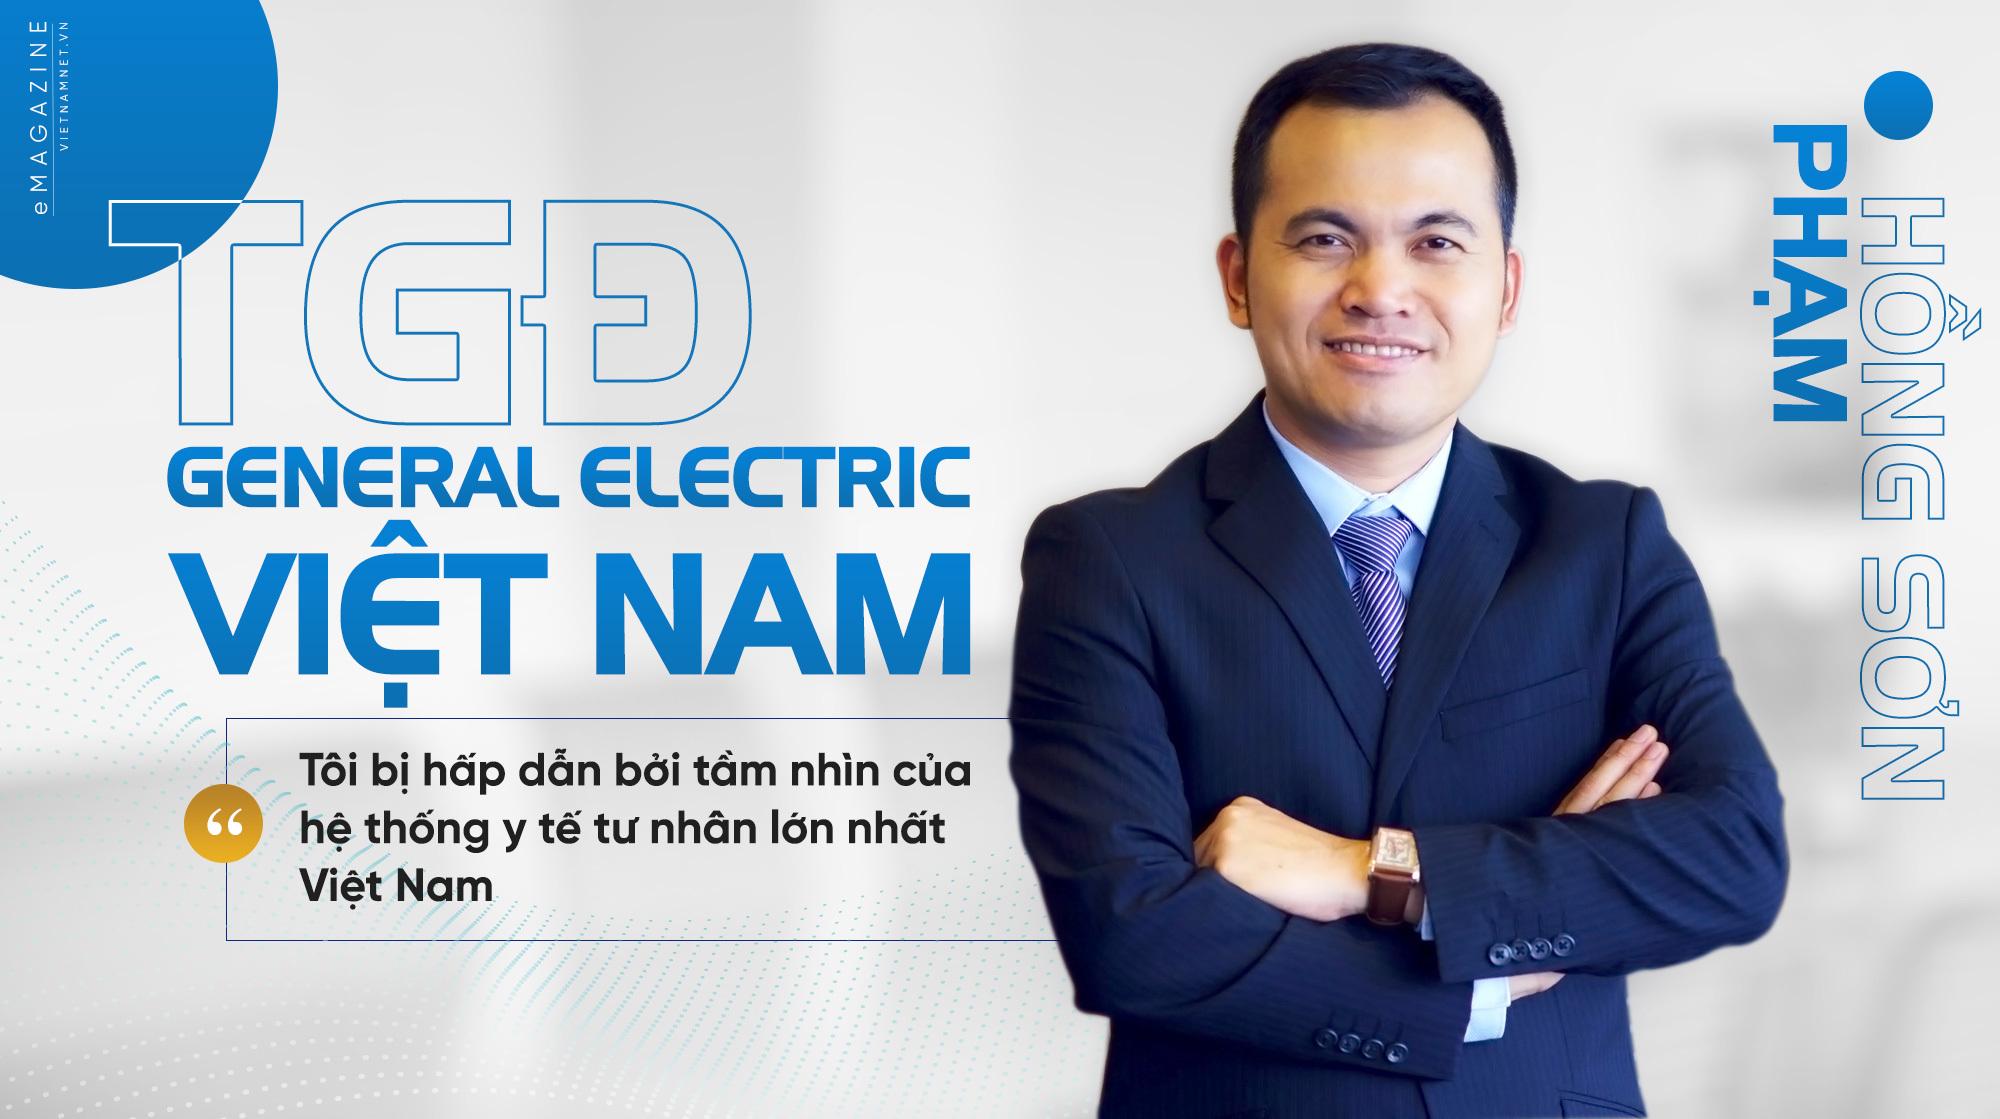 TGĐ General Electric Việt Nam: 'Tôi bị hấp dẫn mãnh liệt bởi sức hút tầm nhìn Vinmec'-1